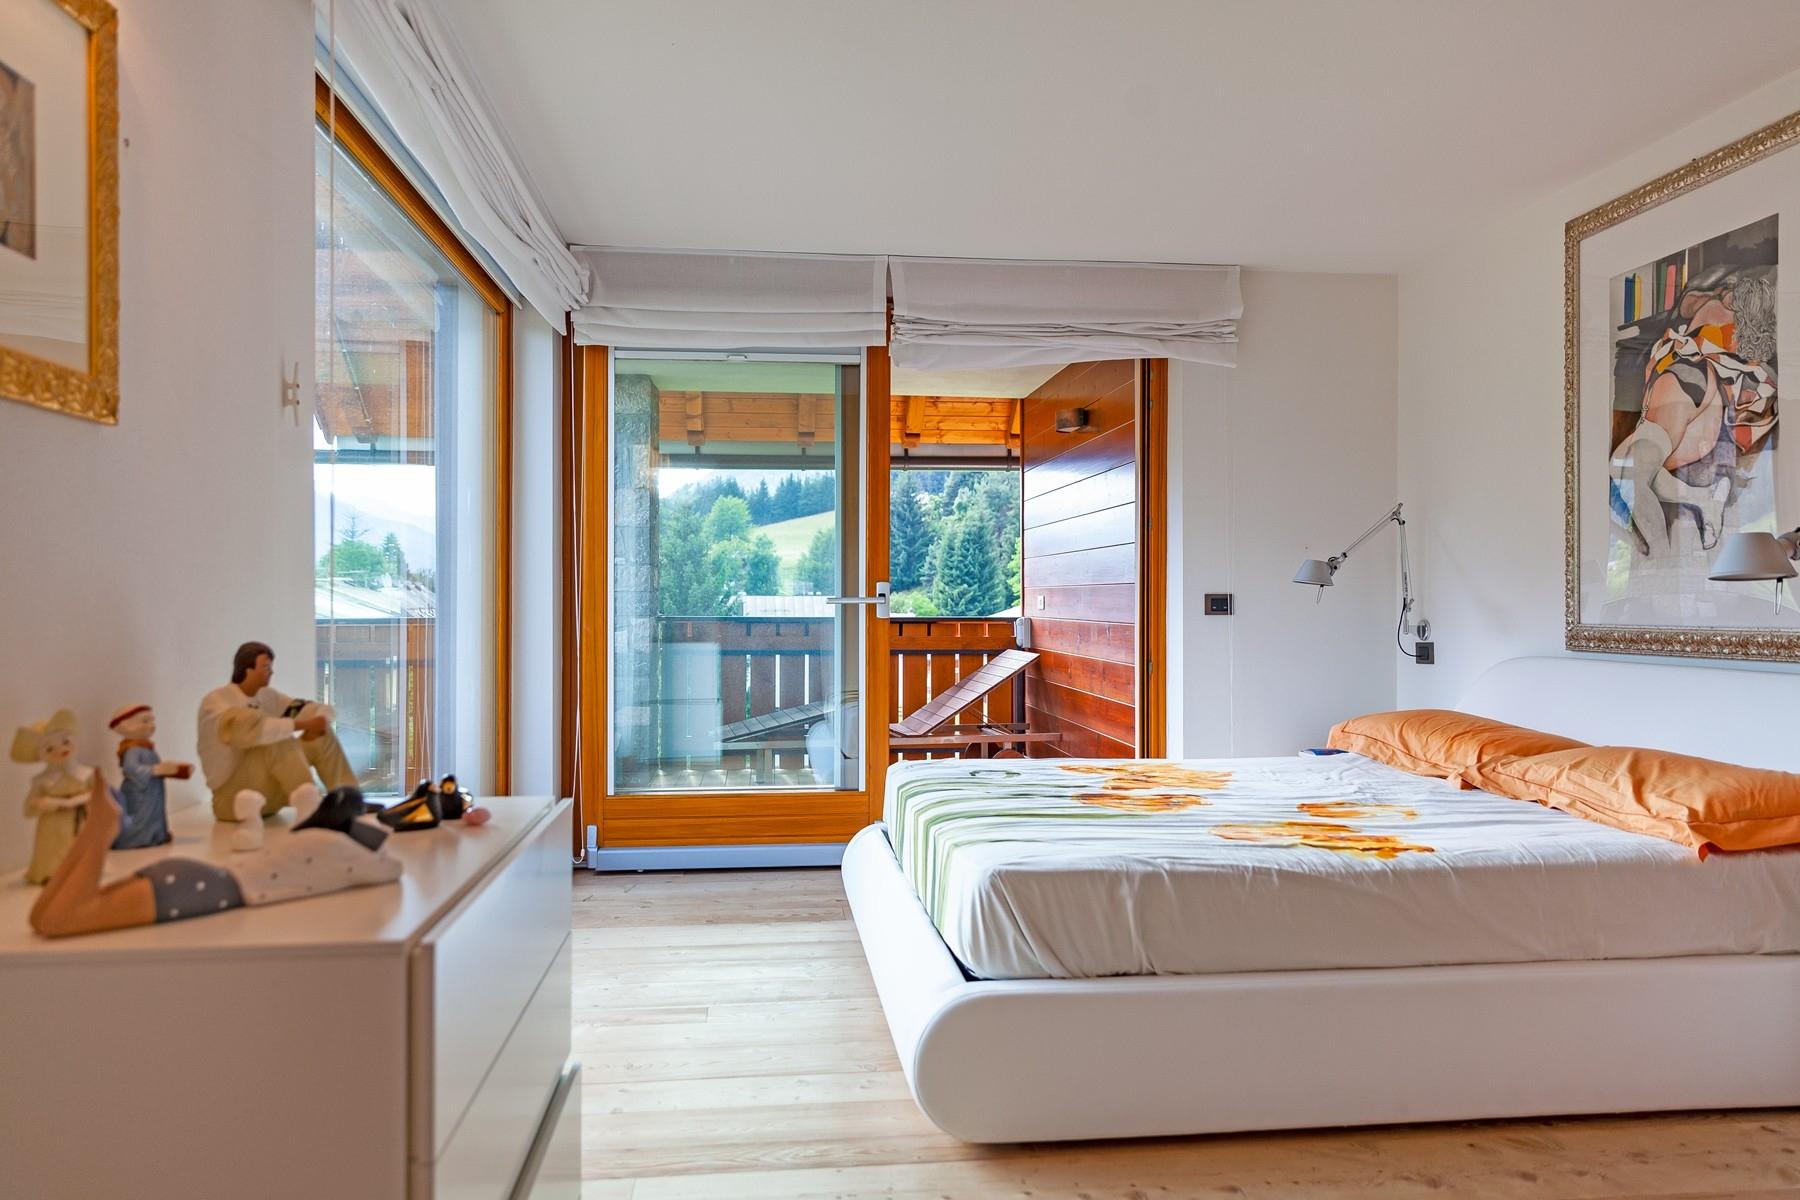 Casa indipendente in Vendita a Tarvisio: 5 locali, 300 mq - Foto 7